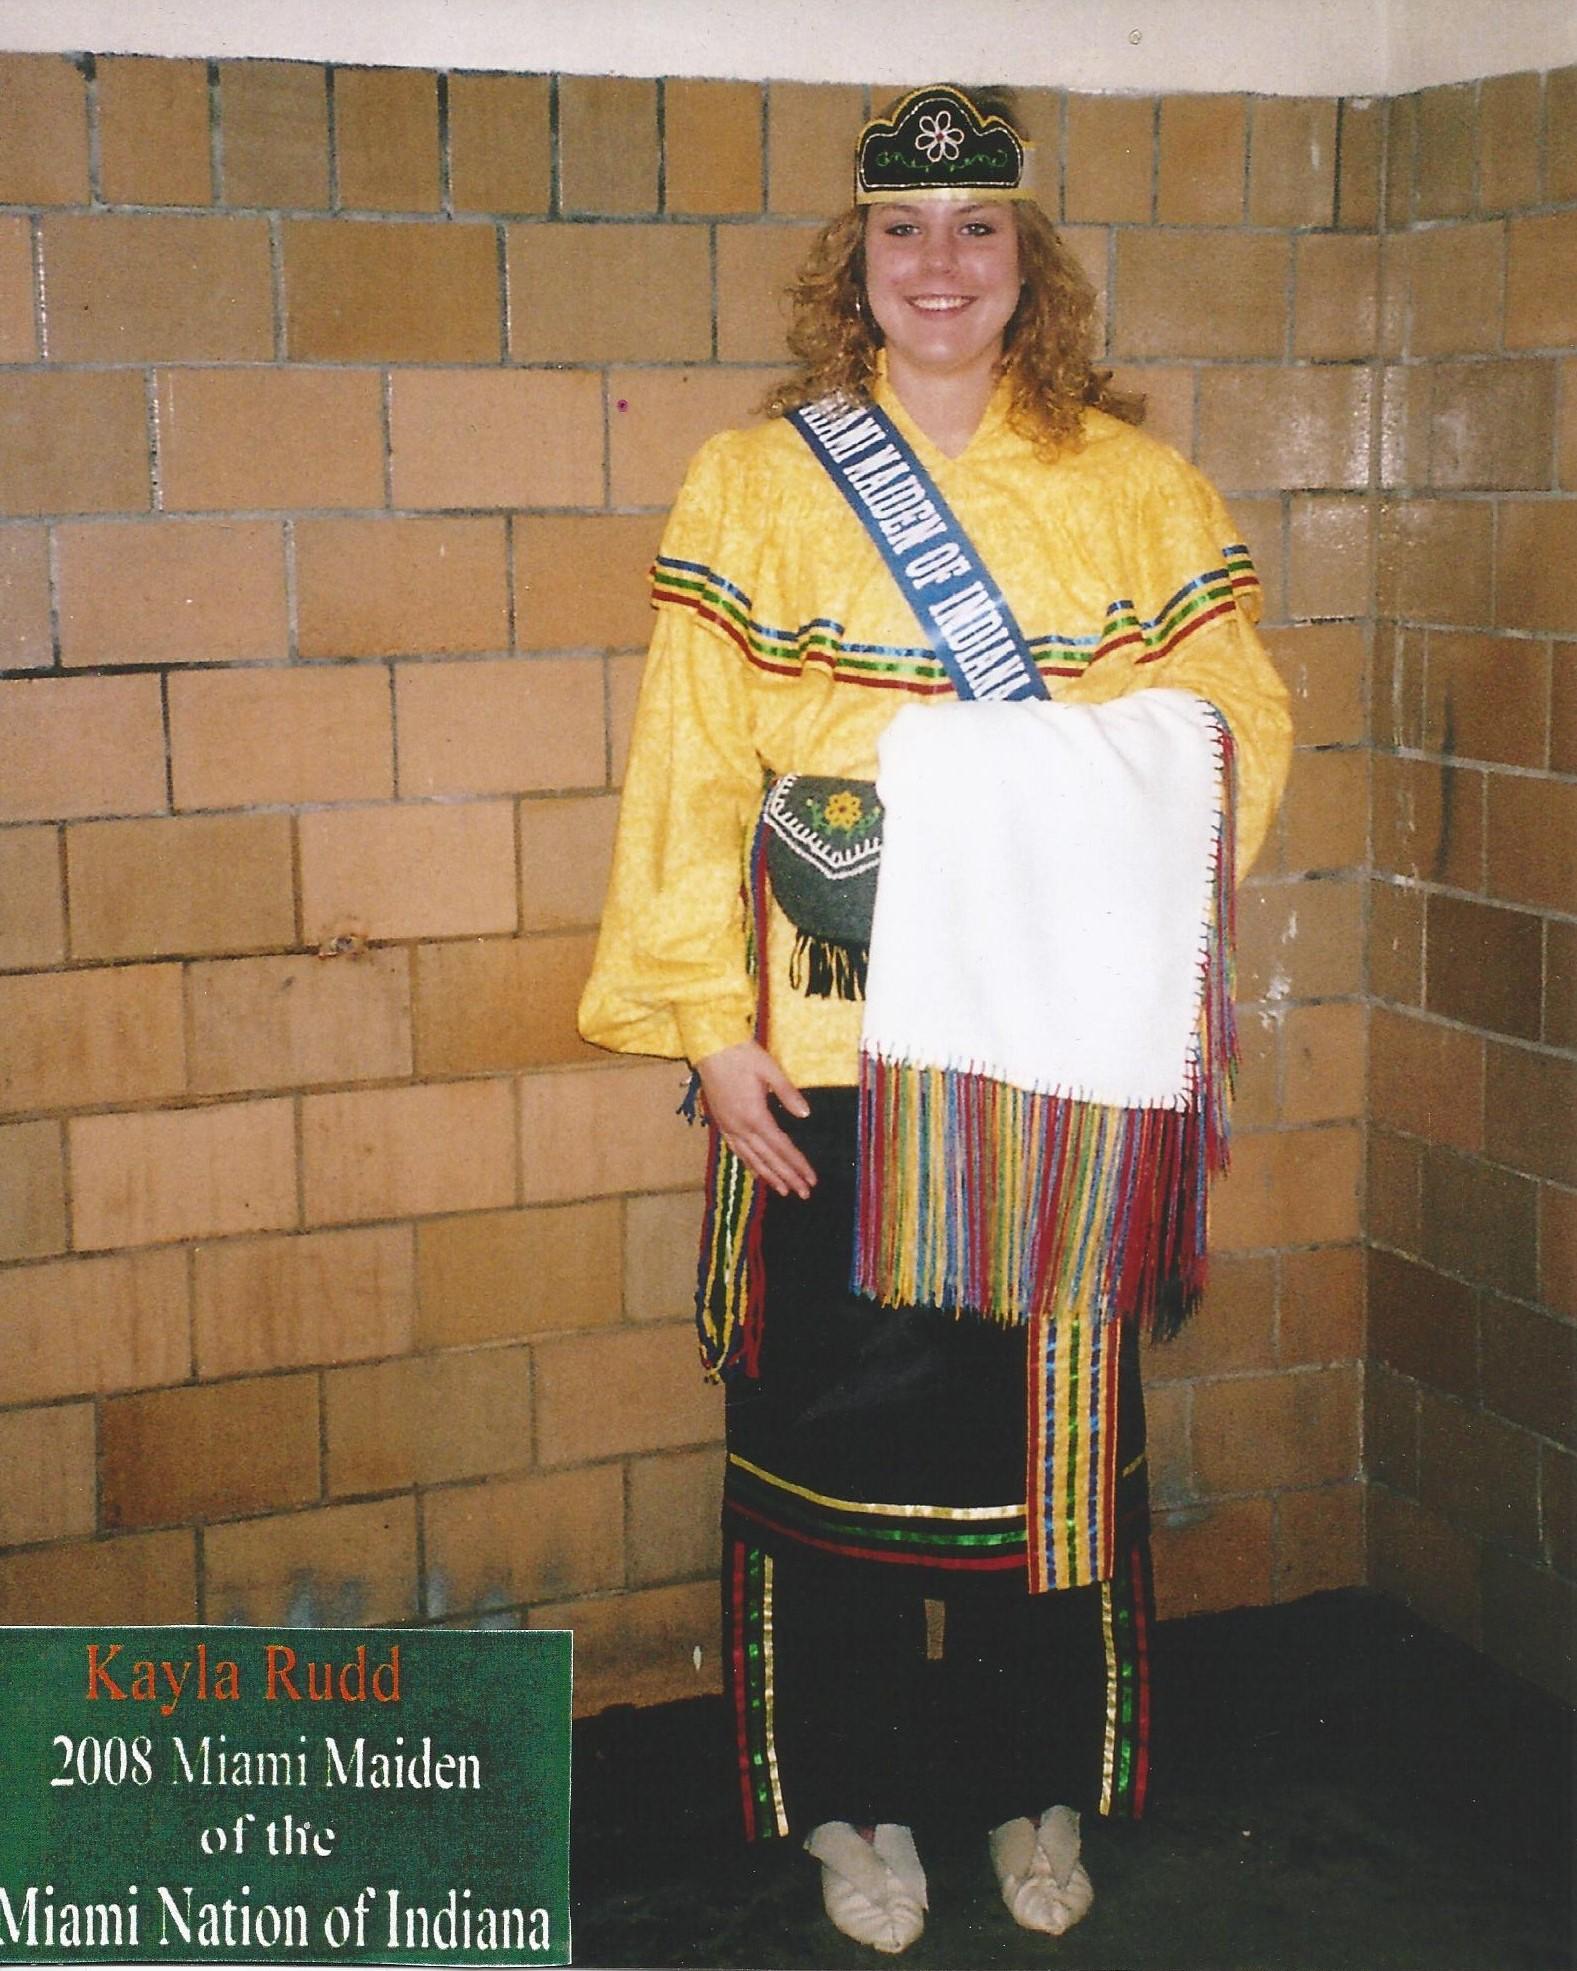 Miss Kayle Rudd - Miss Miami Maiden 2008